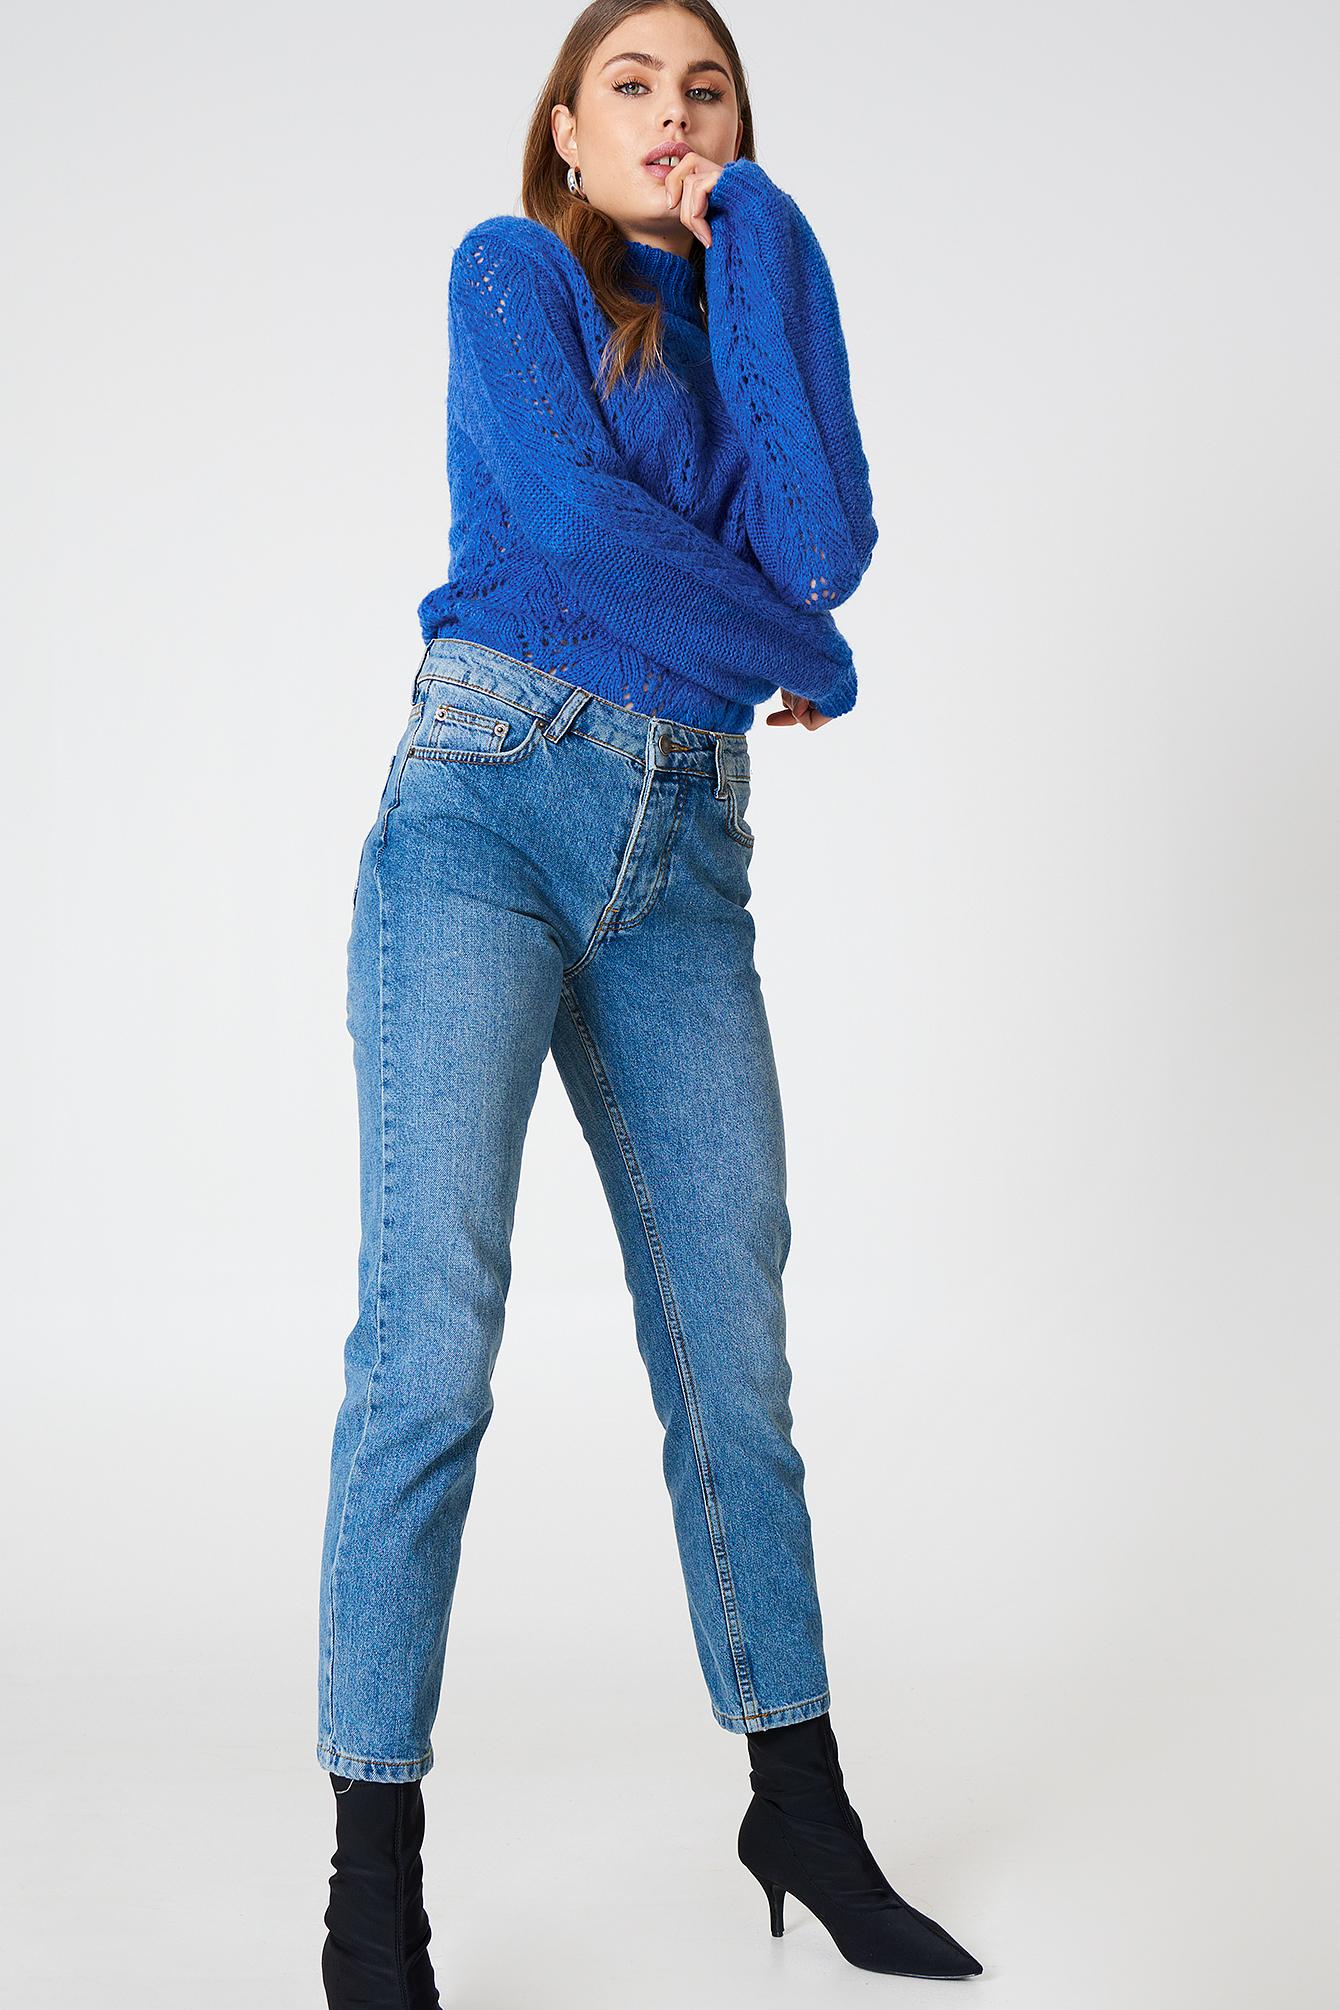 Louisa Vintage Jeans NA-KD.COM